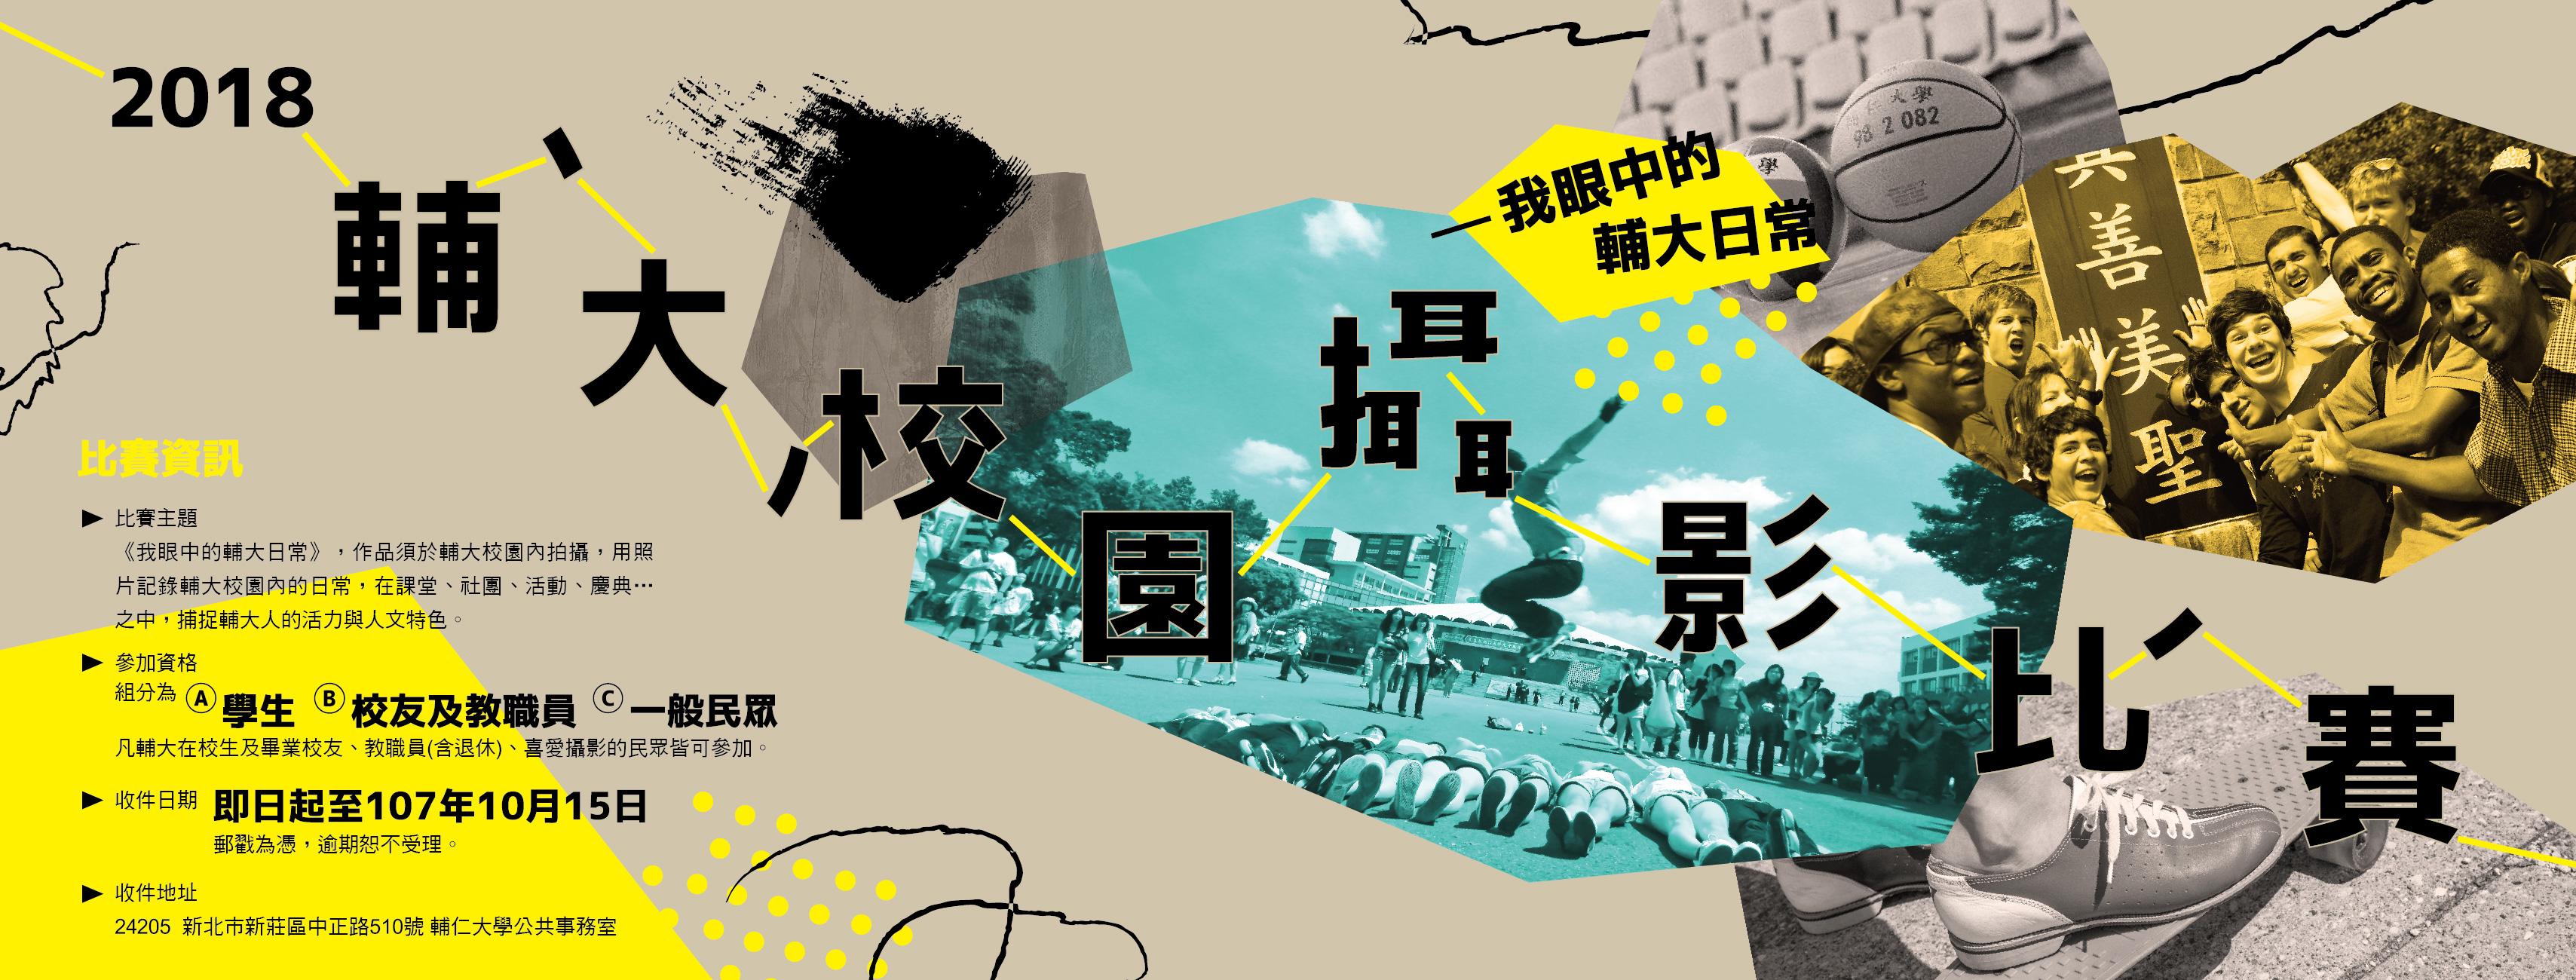 2018輔大校園攝影賽